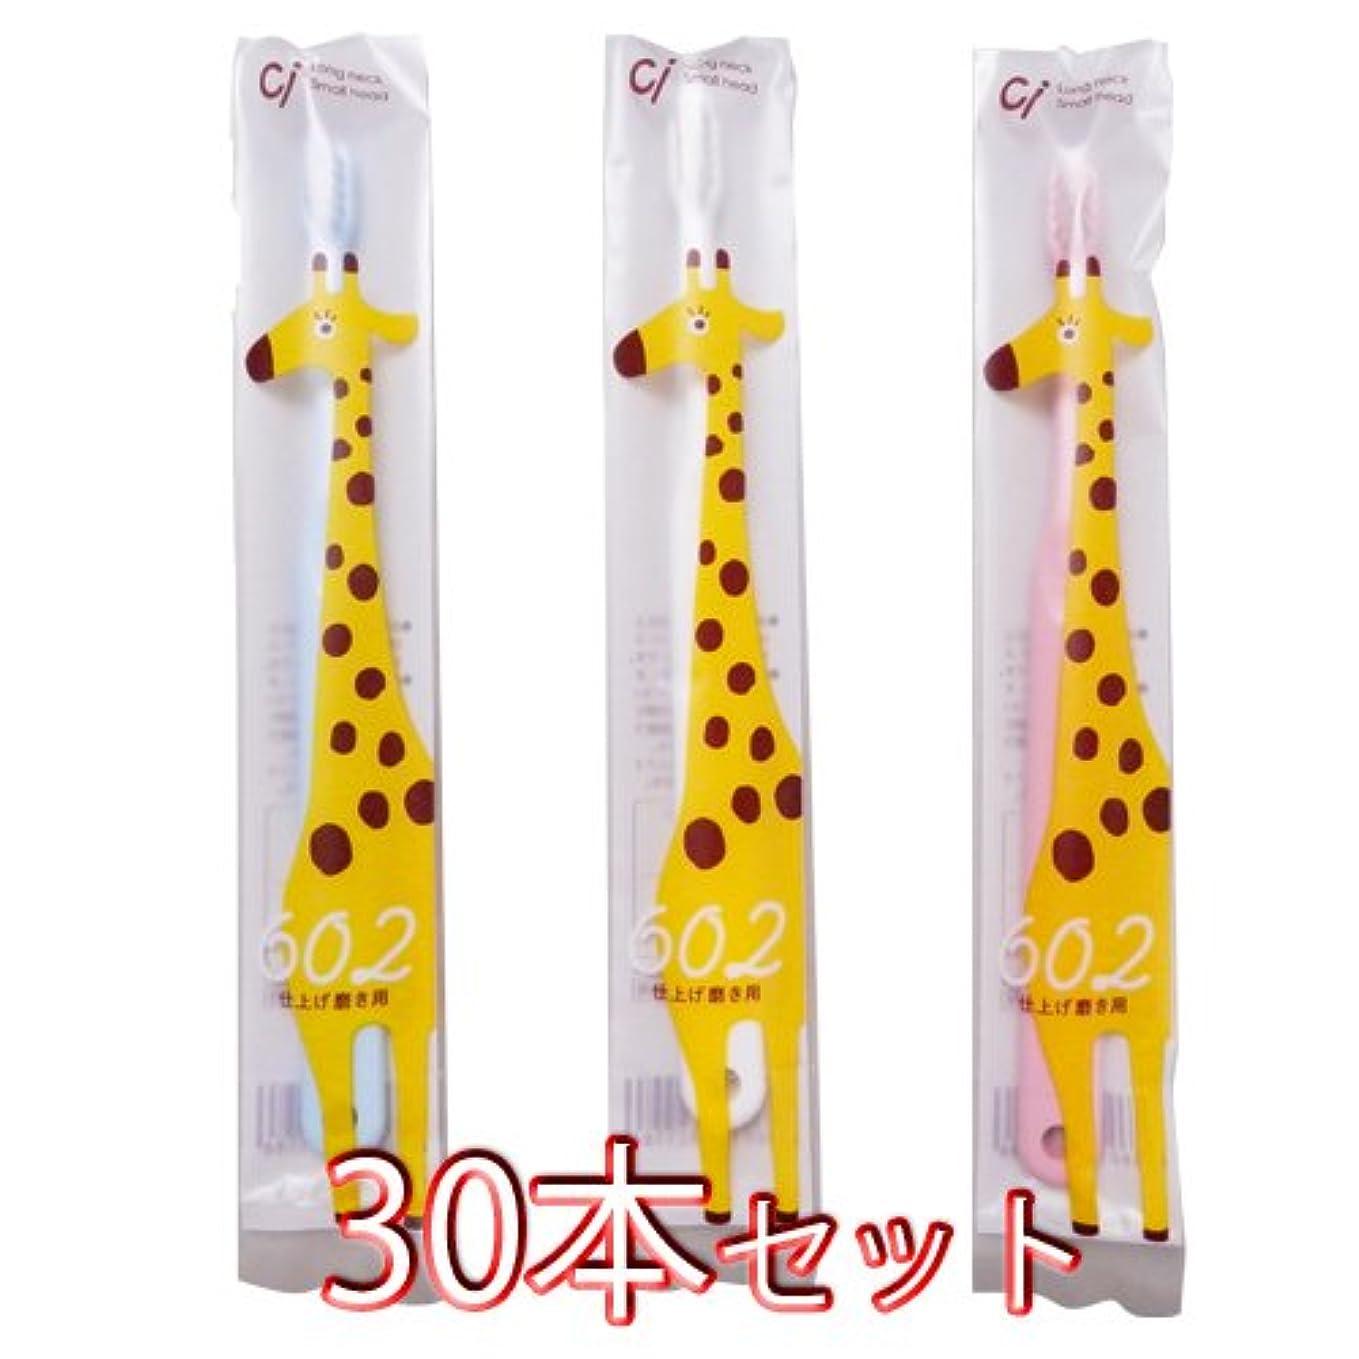 評決より多い解釈するCiメディカル 歯ブラシ Ci602 仕上げ磨き用 30本入